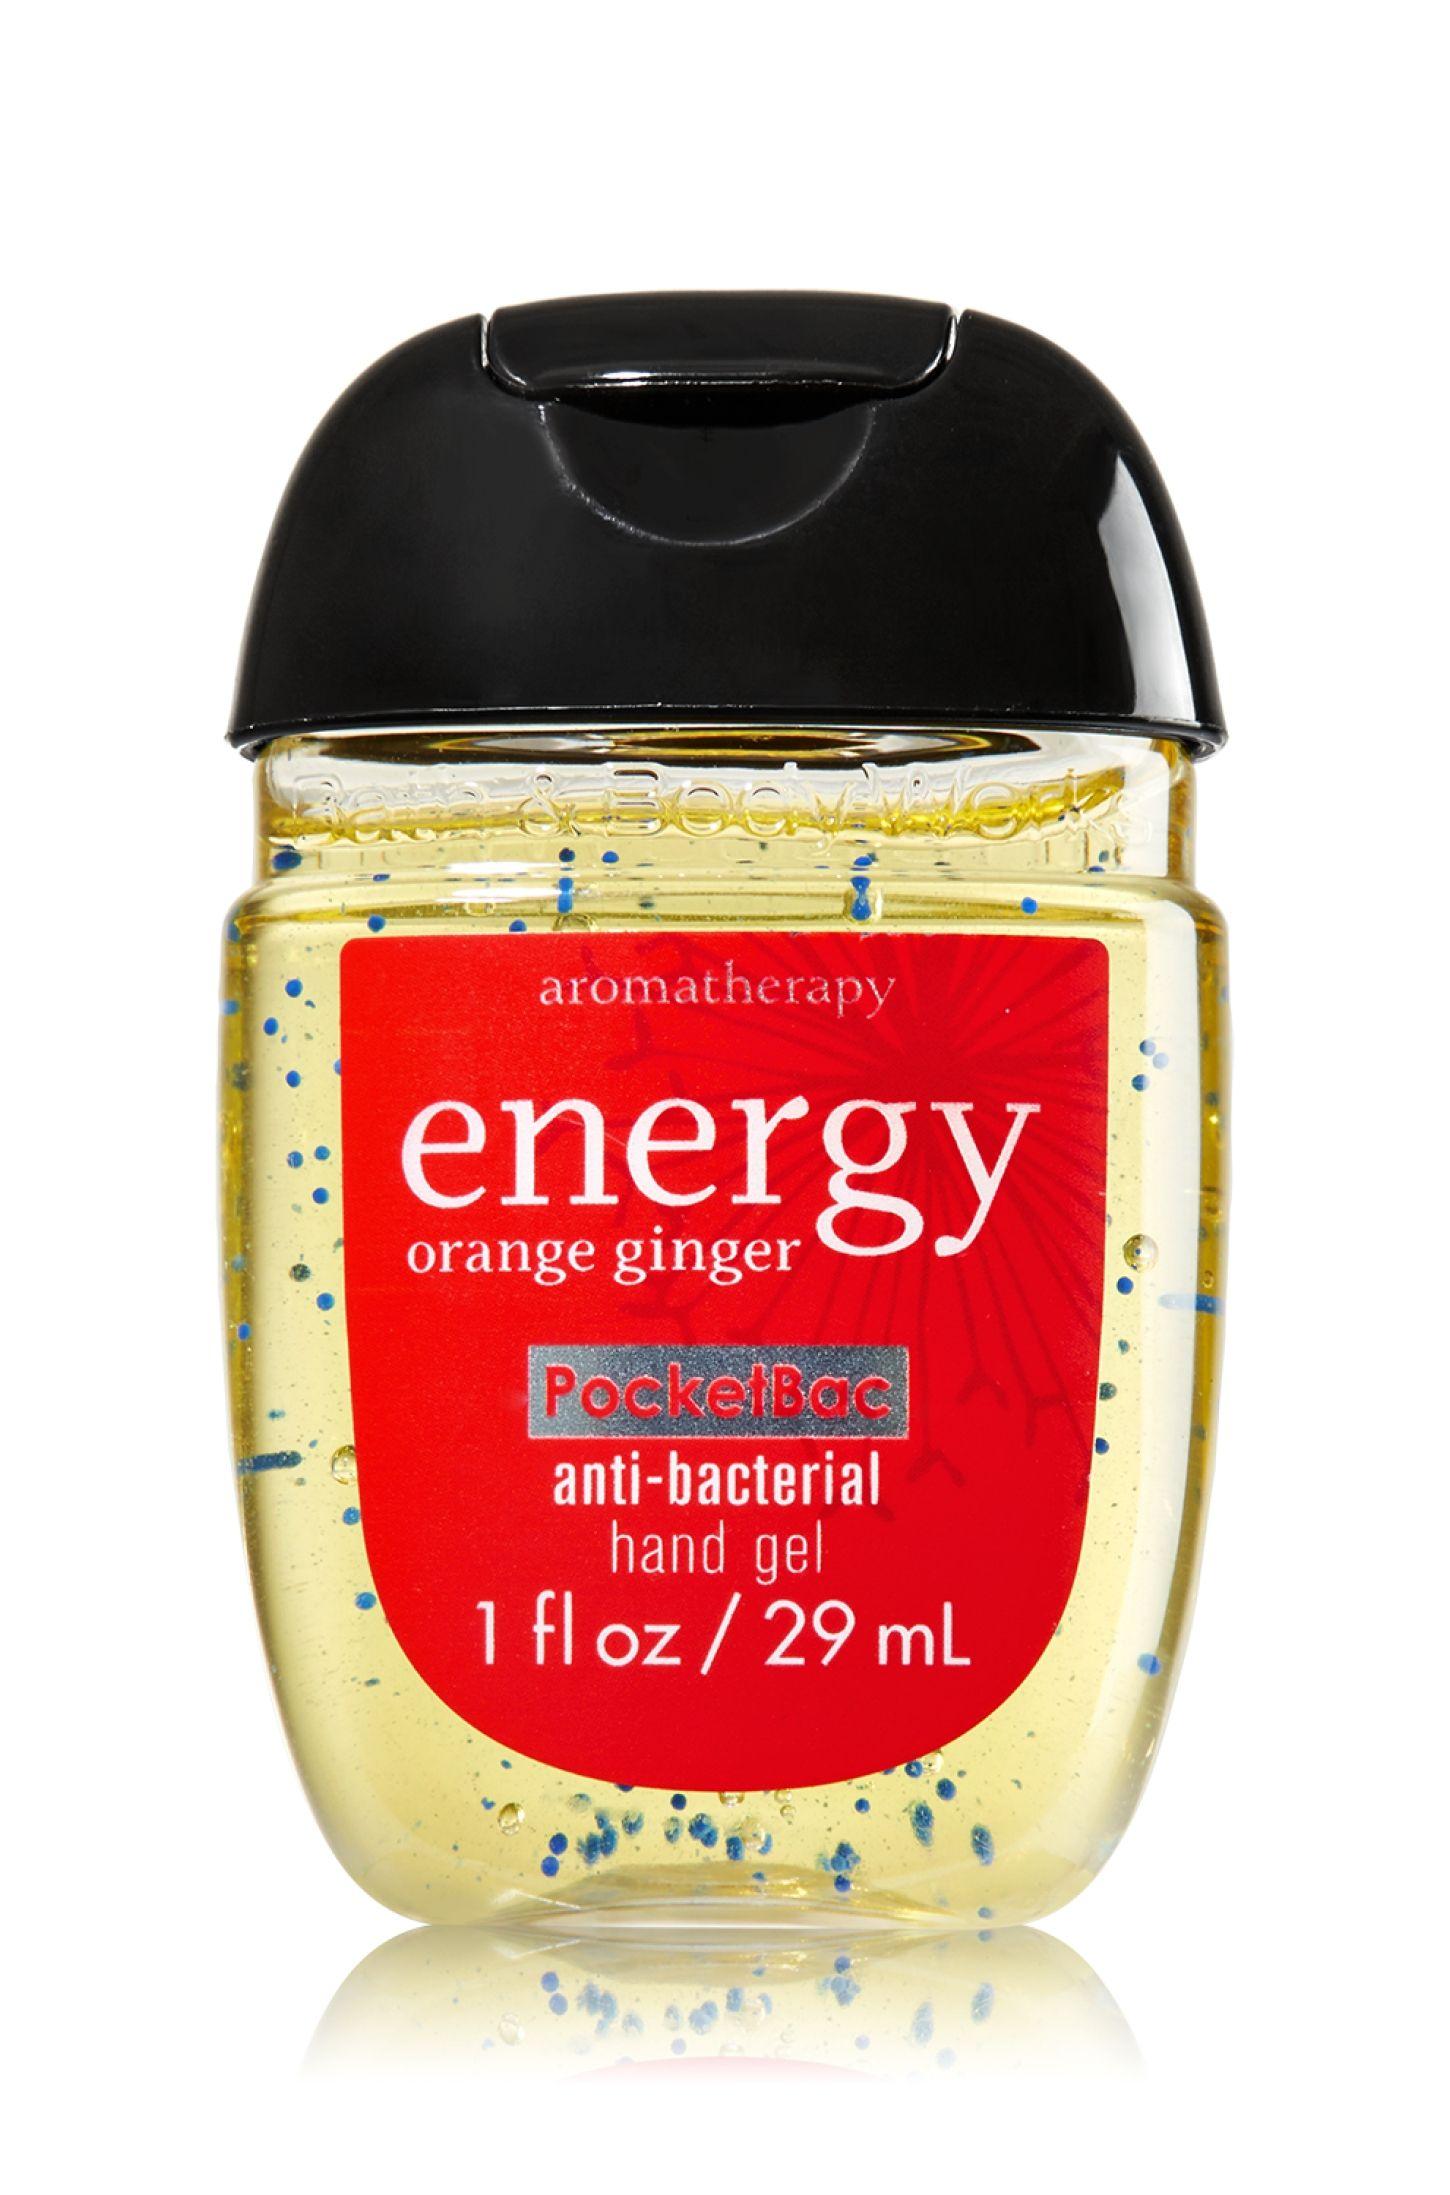 Energy Orange Ginger Pocketbac Sanitizing Hand Gel Soap